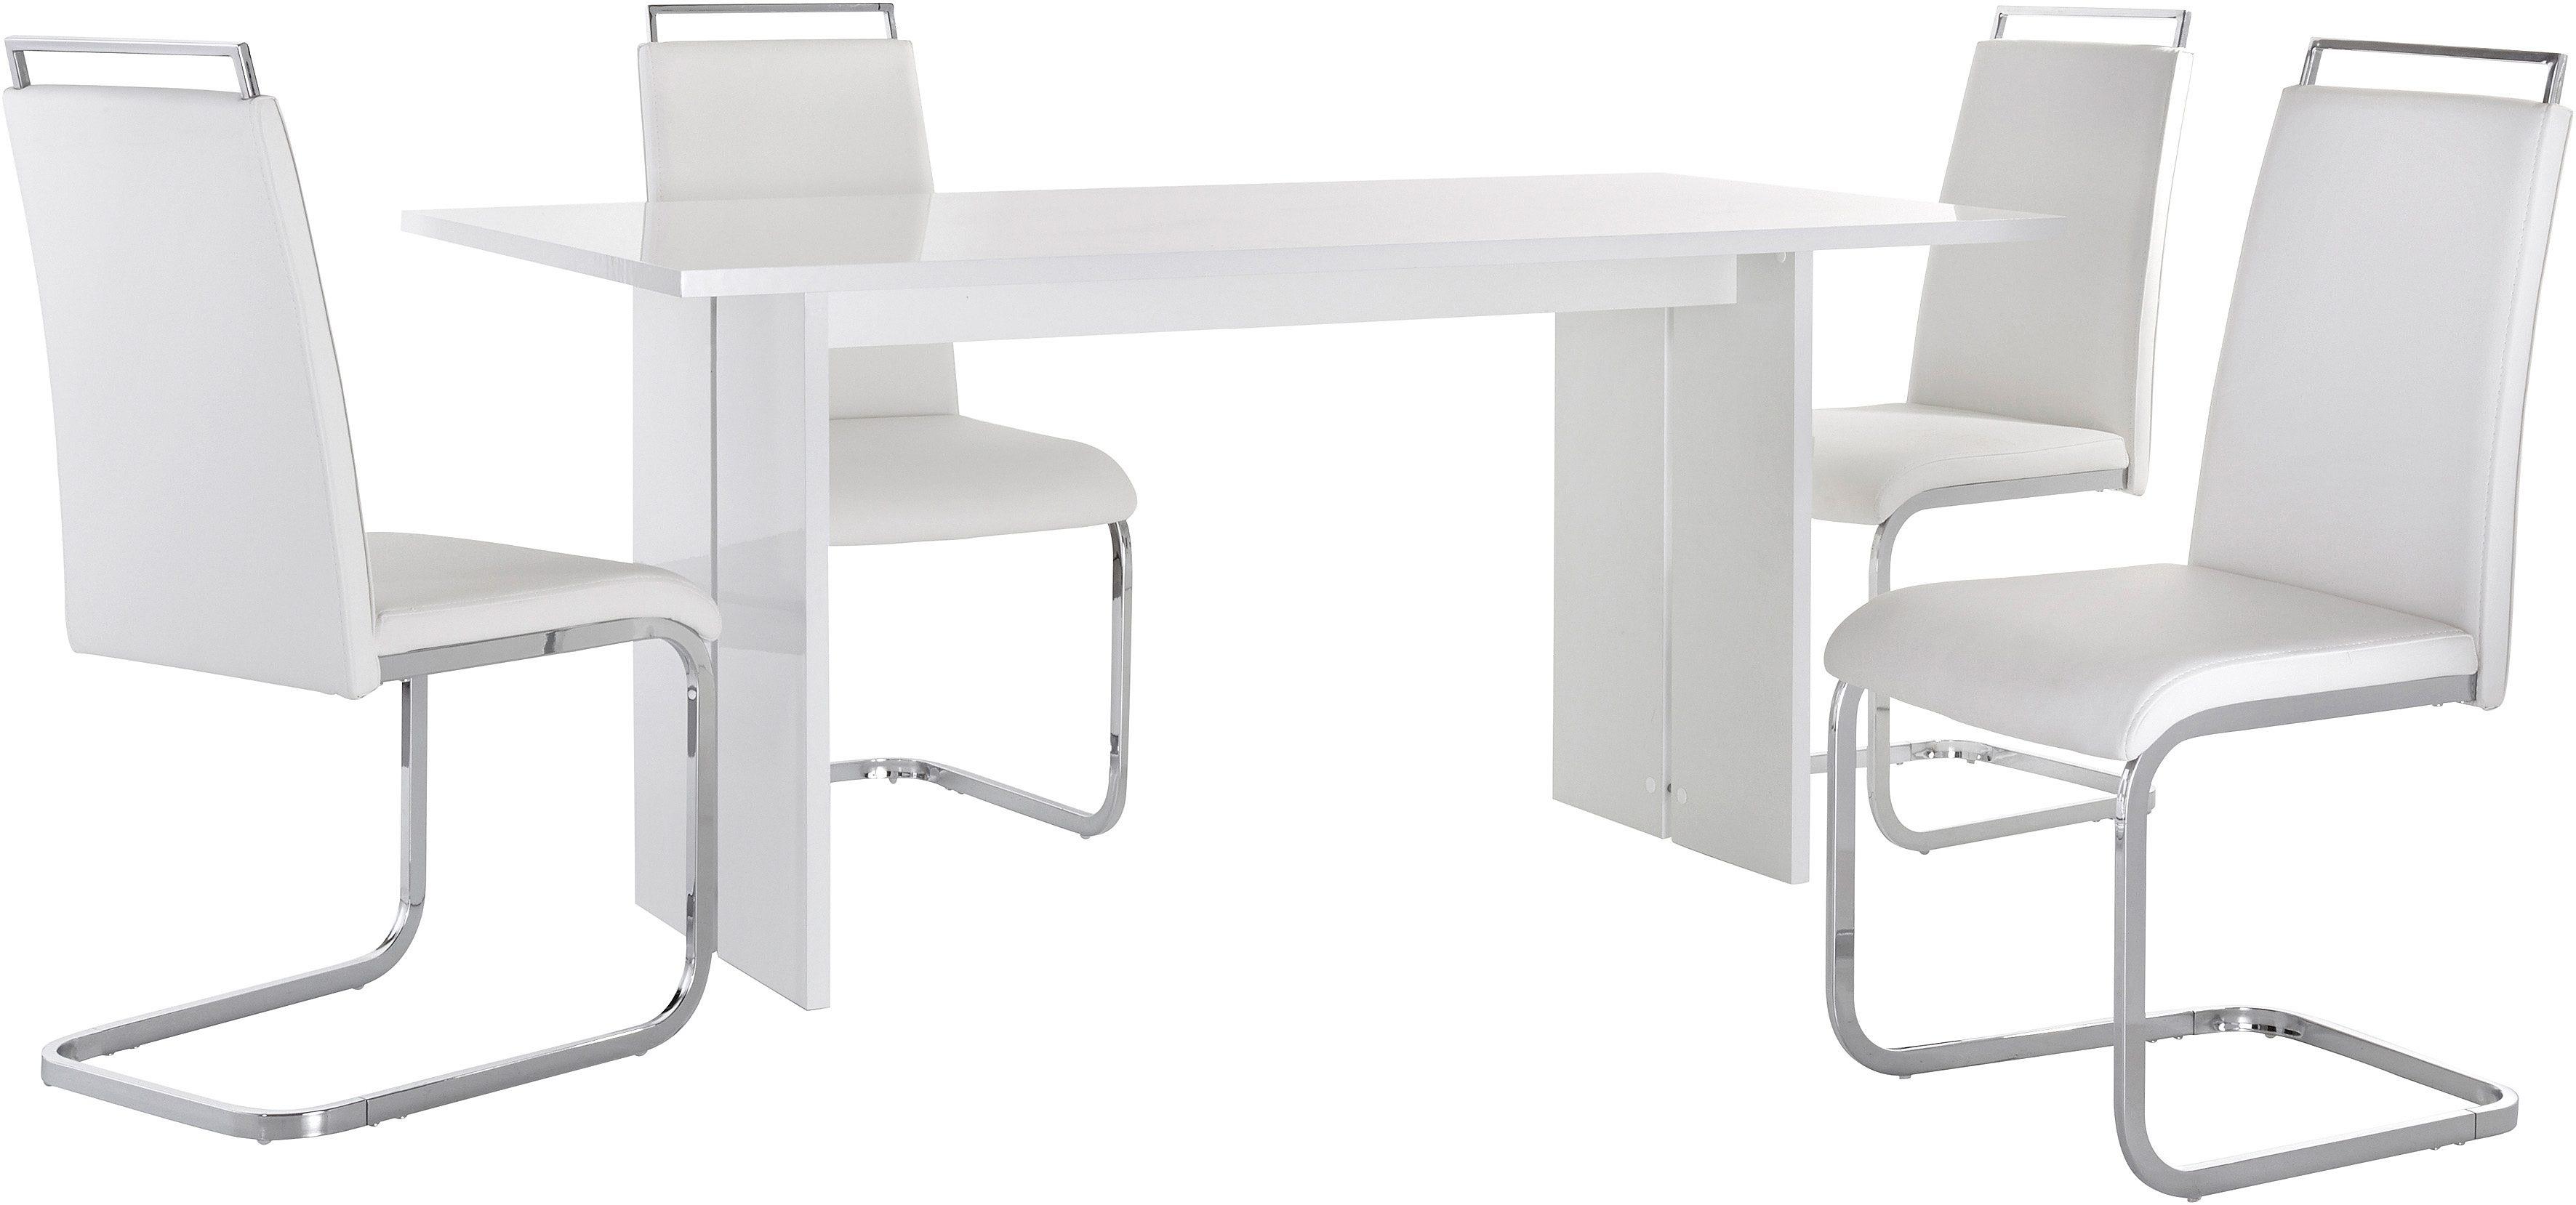 Eethoek bestaande uit 1 tafel en 4 stoelen online